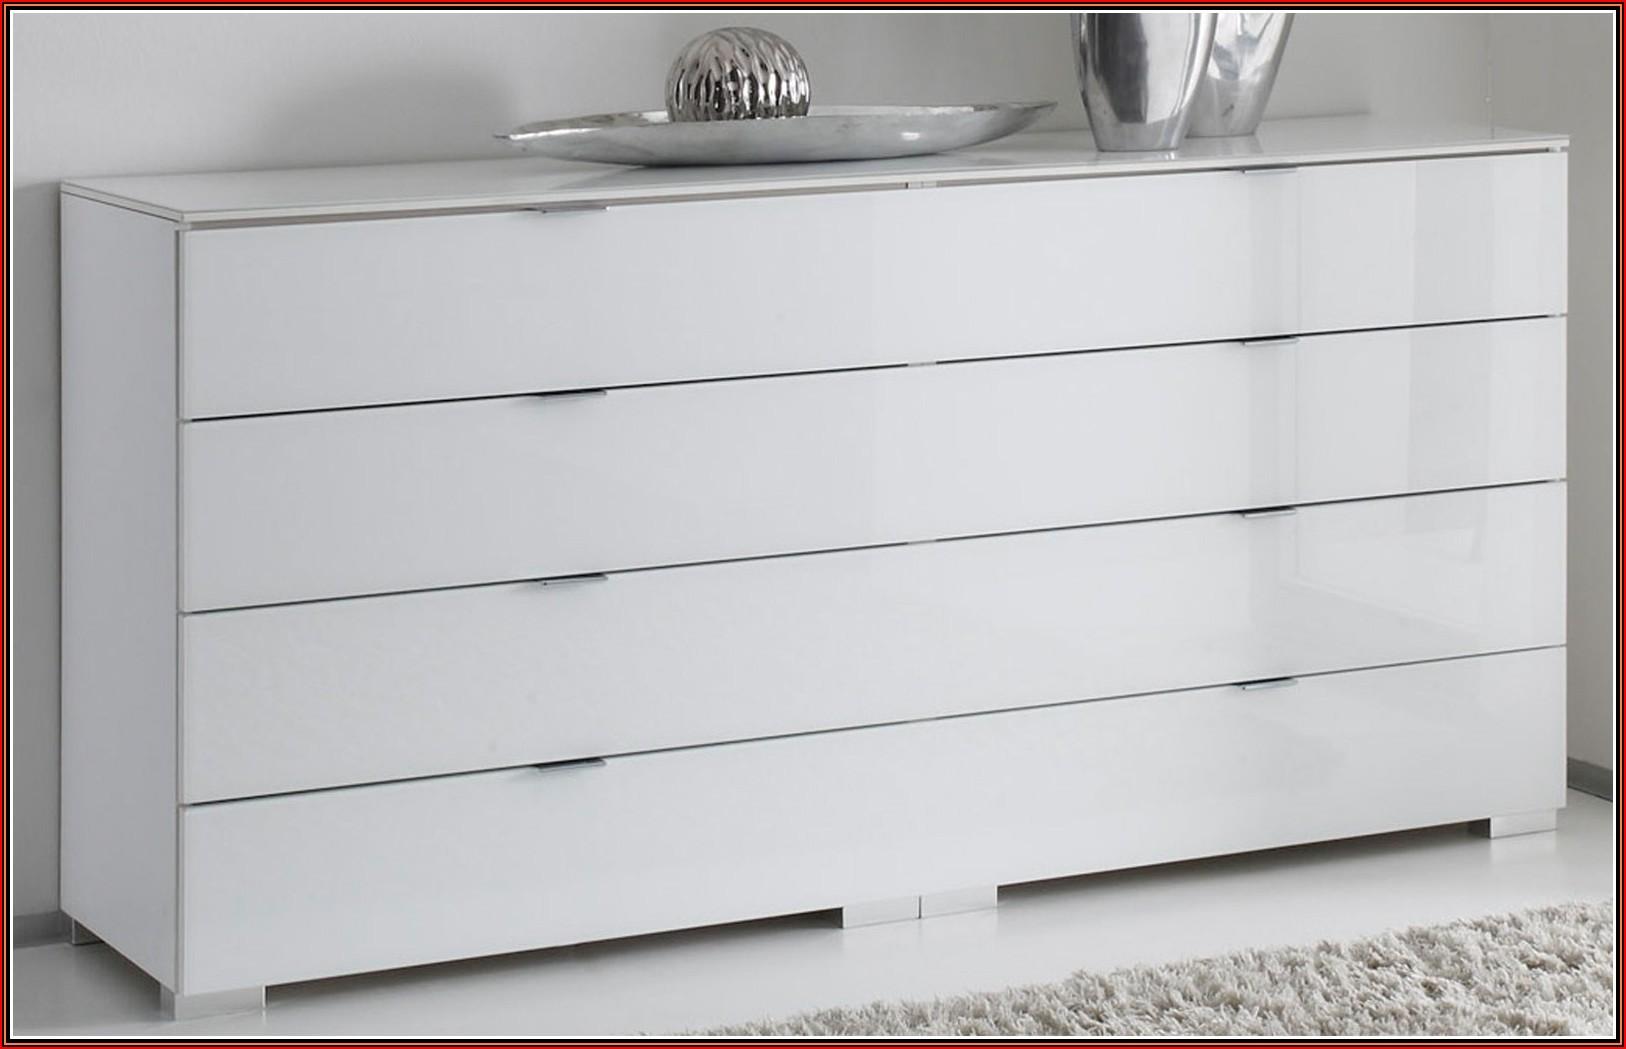 Ikea Schlafzimmer Kommode Weiss